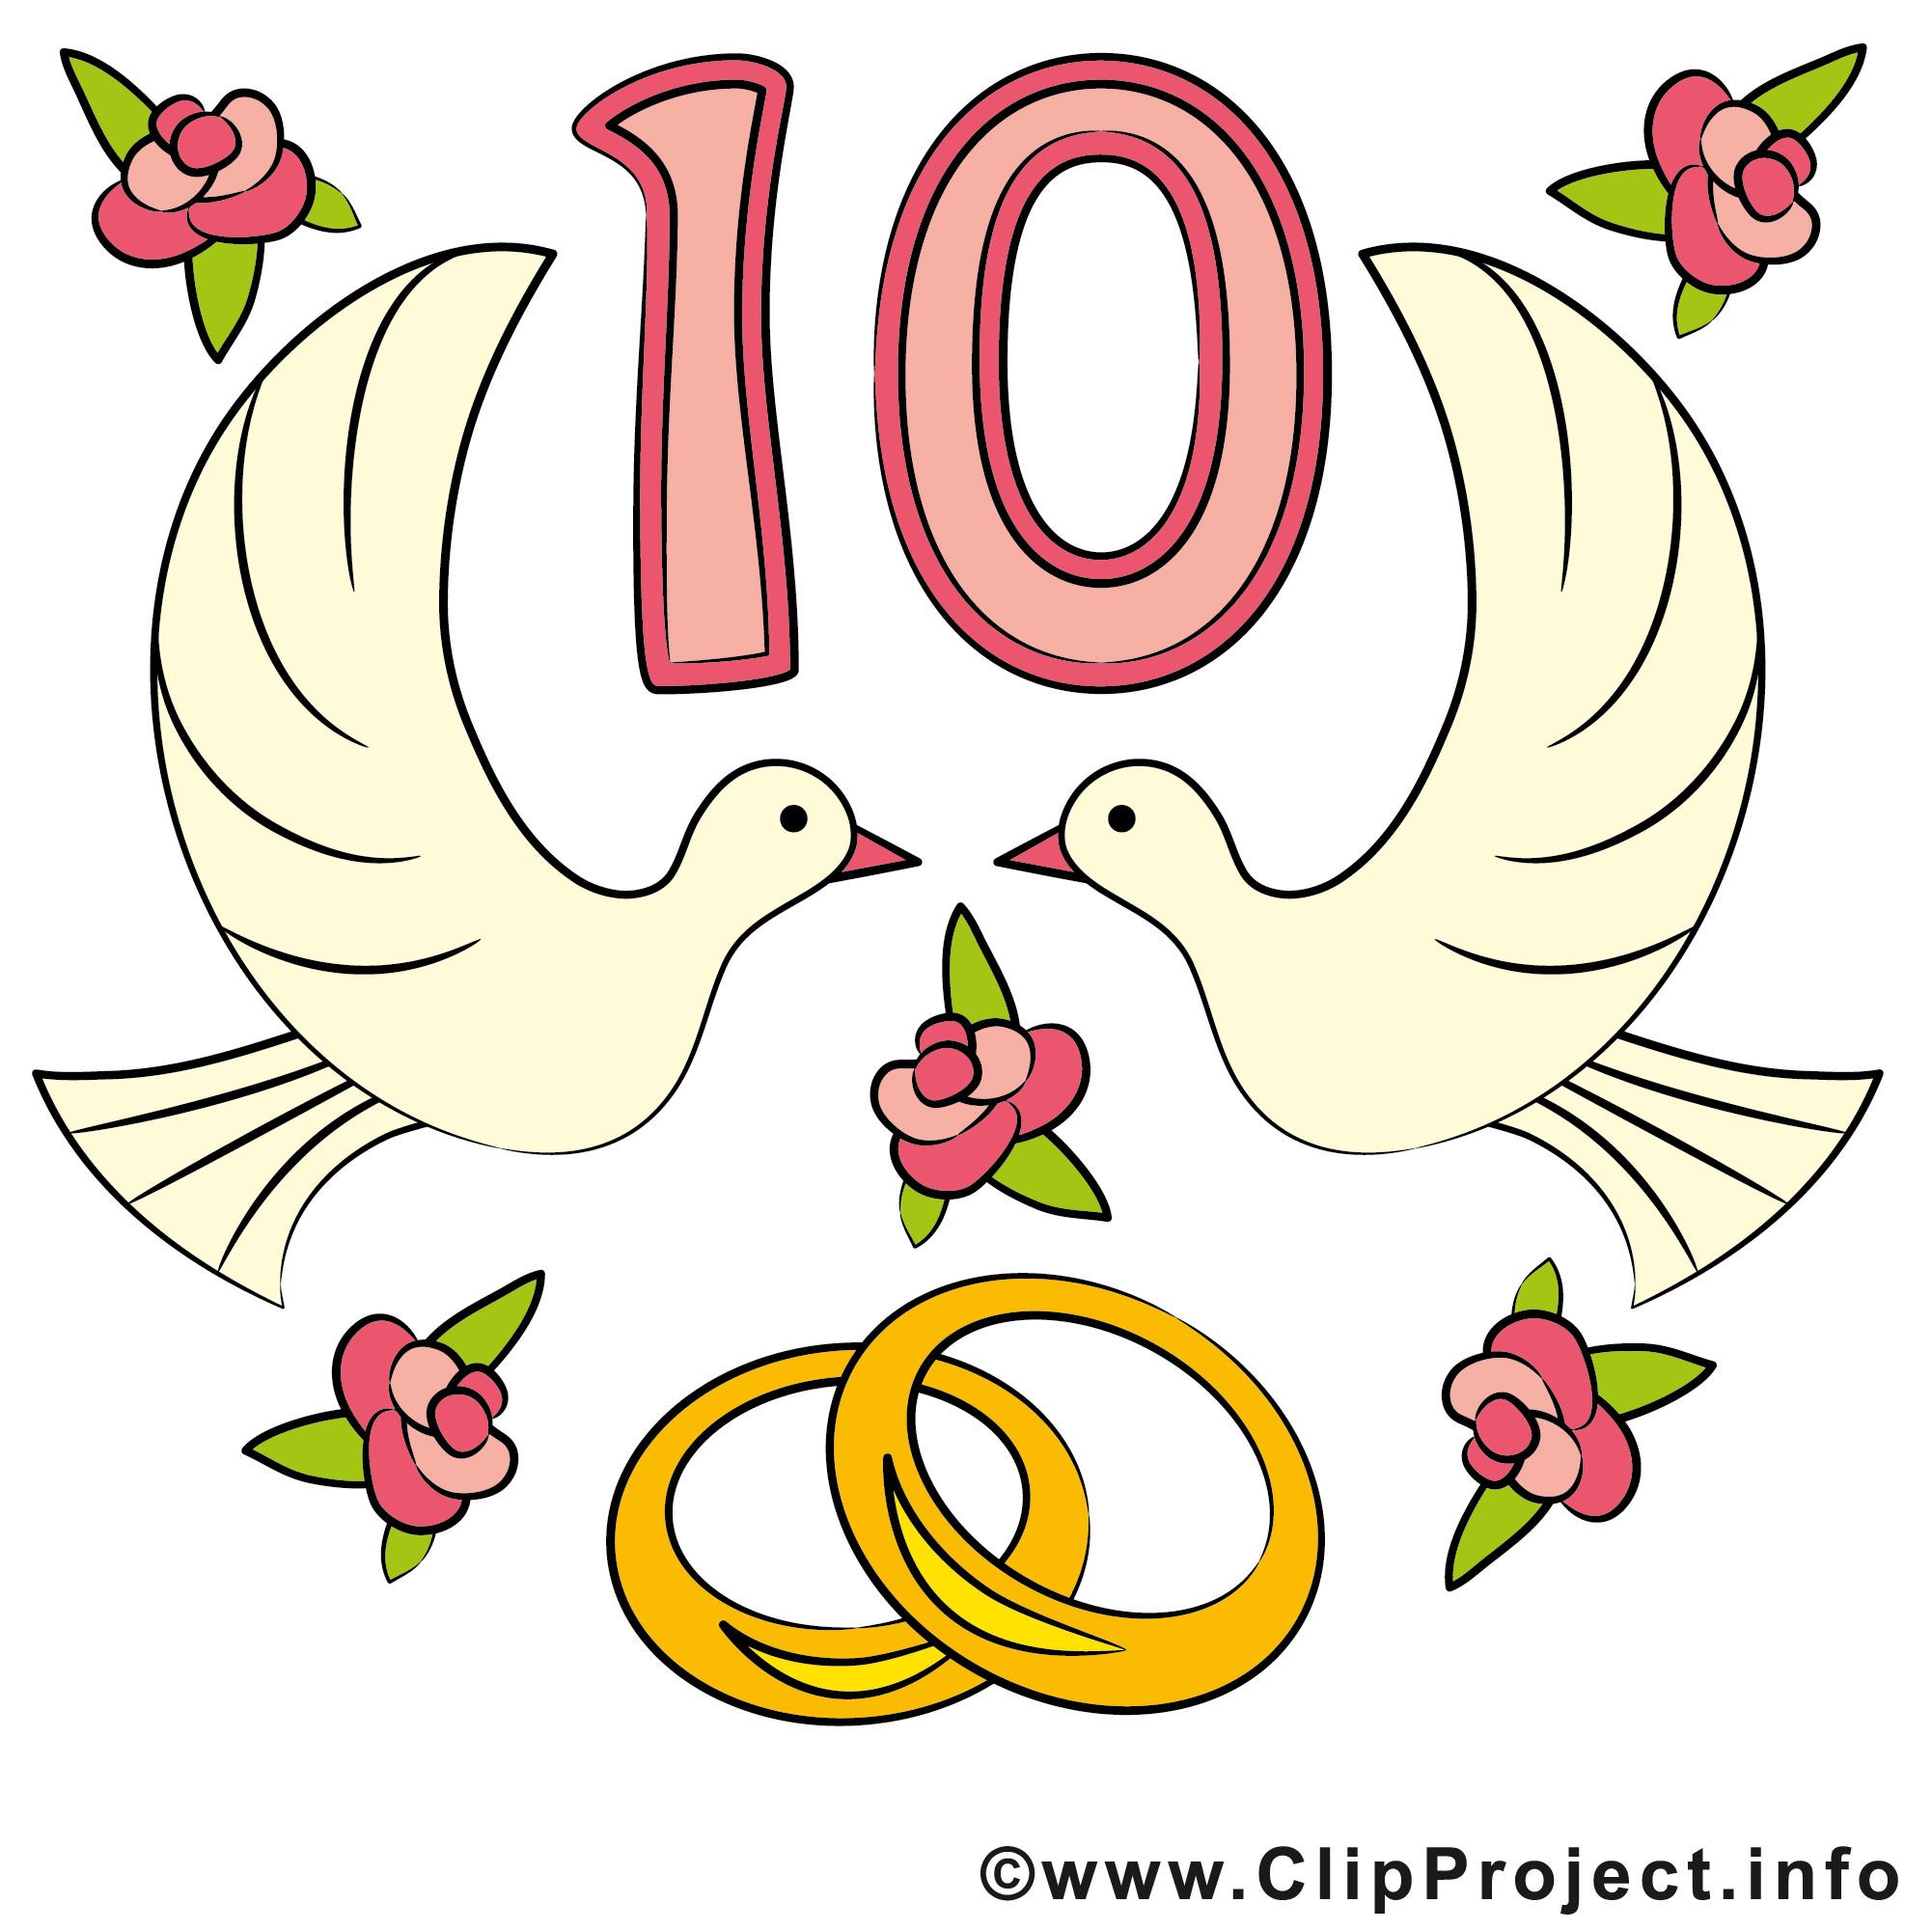 Cliparts Hochzeit Kostenlos Herunterladen  Einladung zur Rosen Hochzeit mit unseren Cliparts selbst